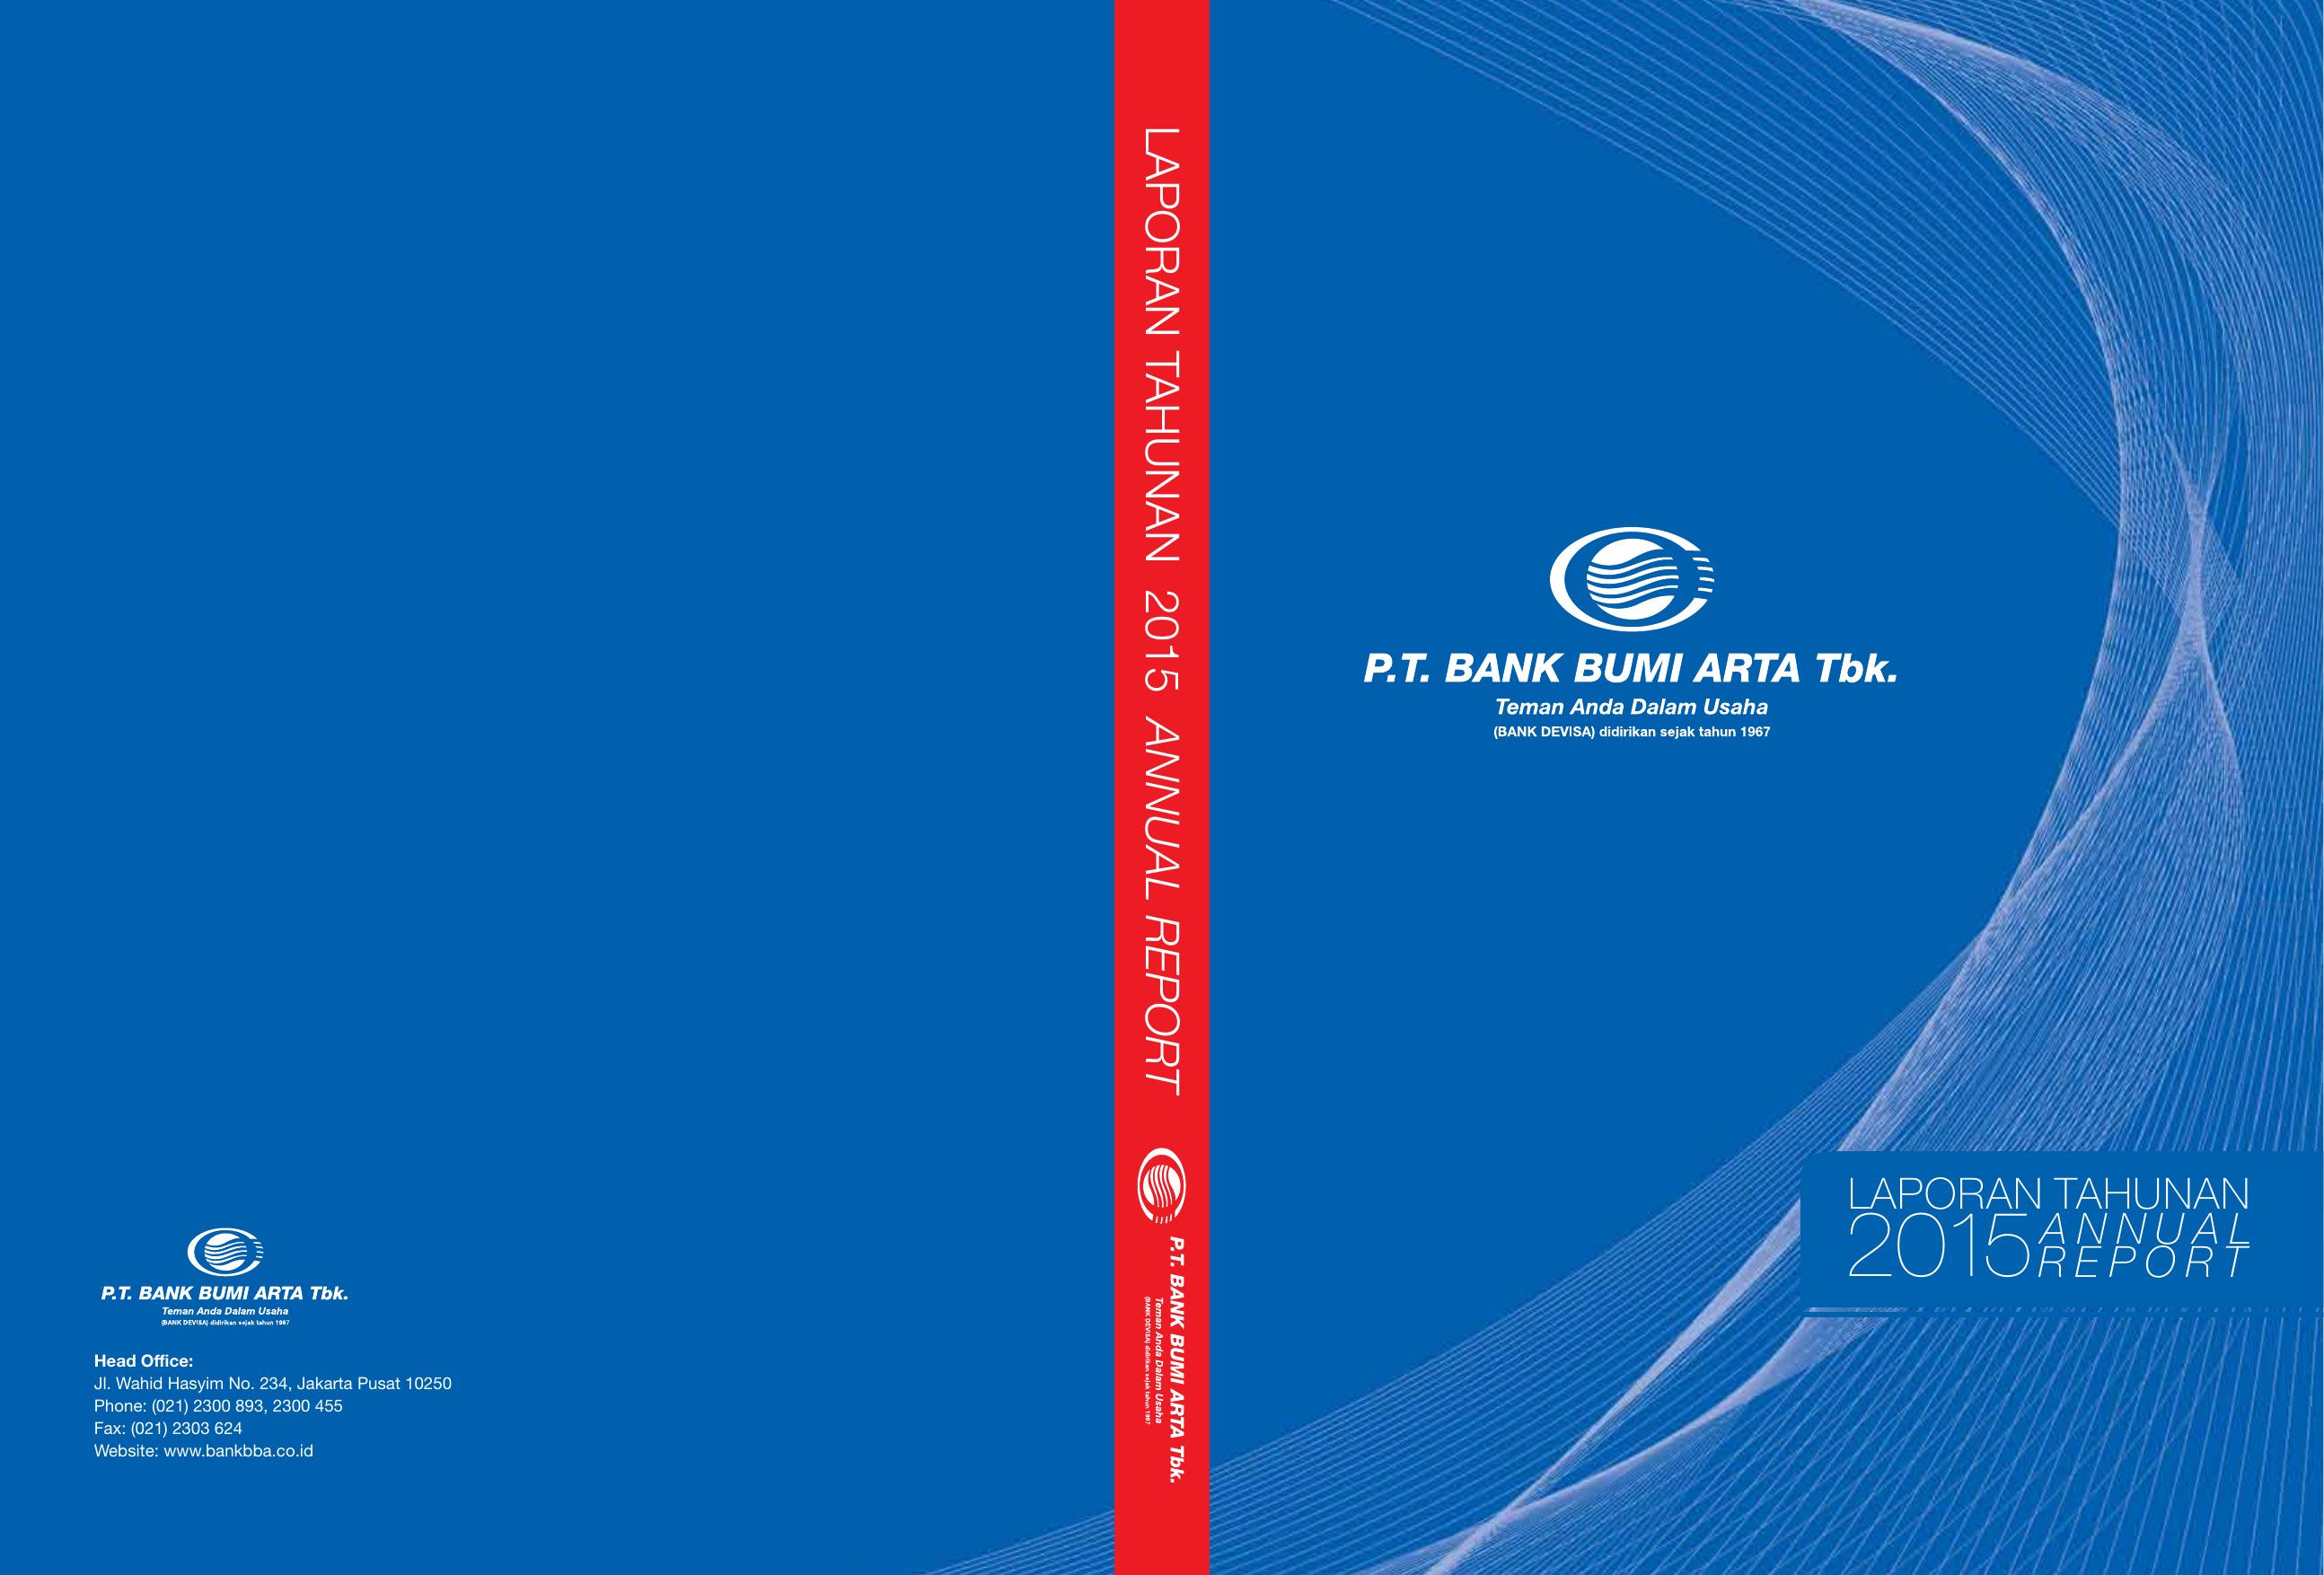 Cover Anrep Bba 2015 Terpilih Copy